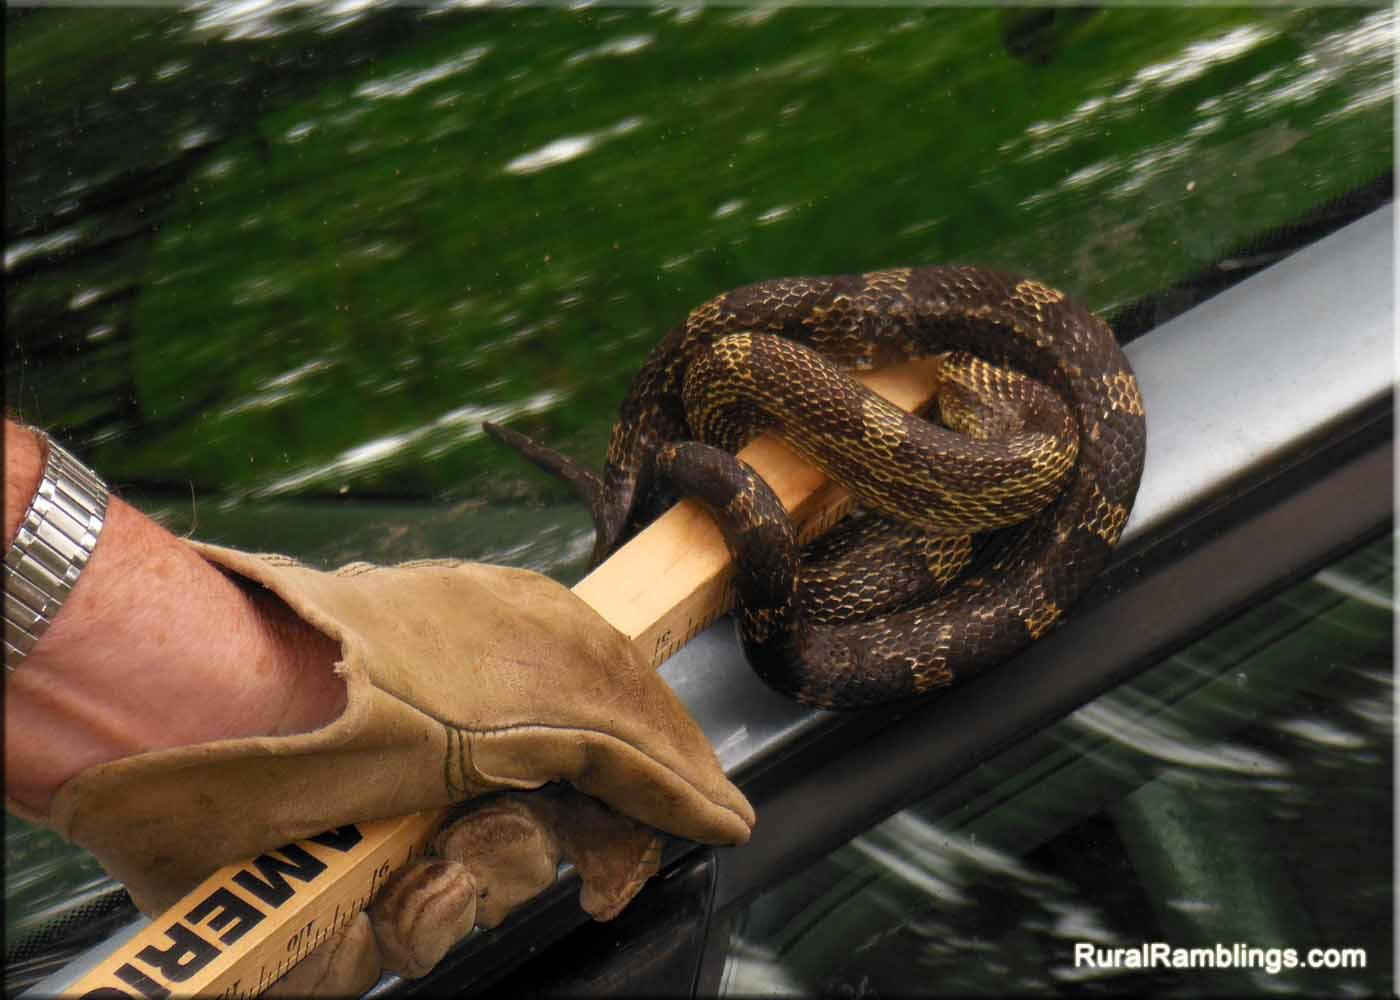 fantasy snake car 2013 - photo #31